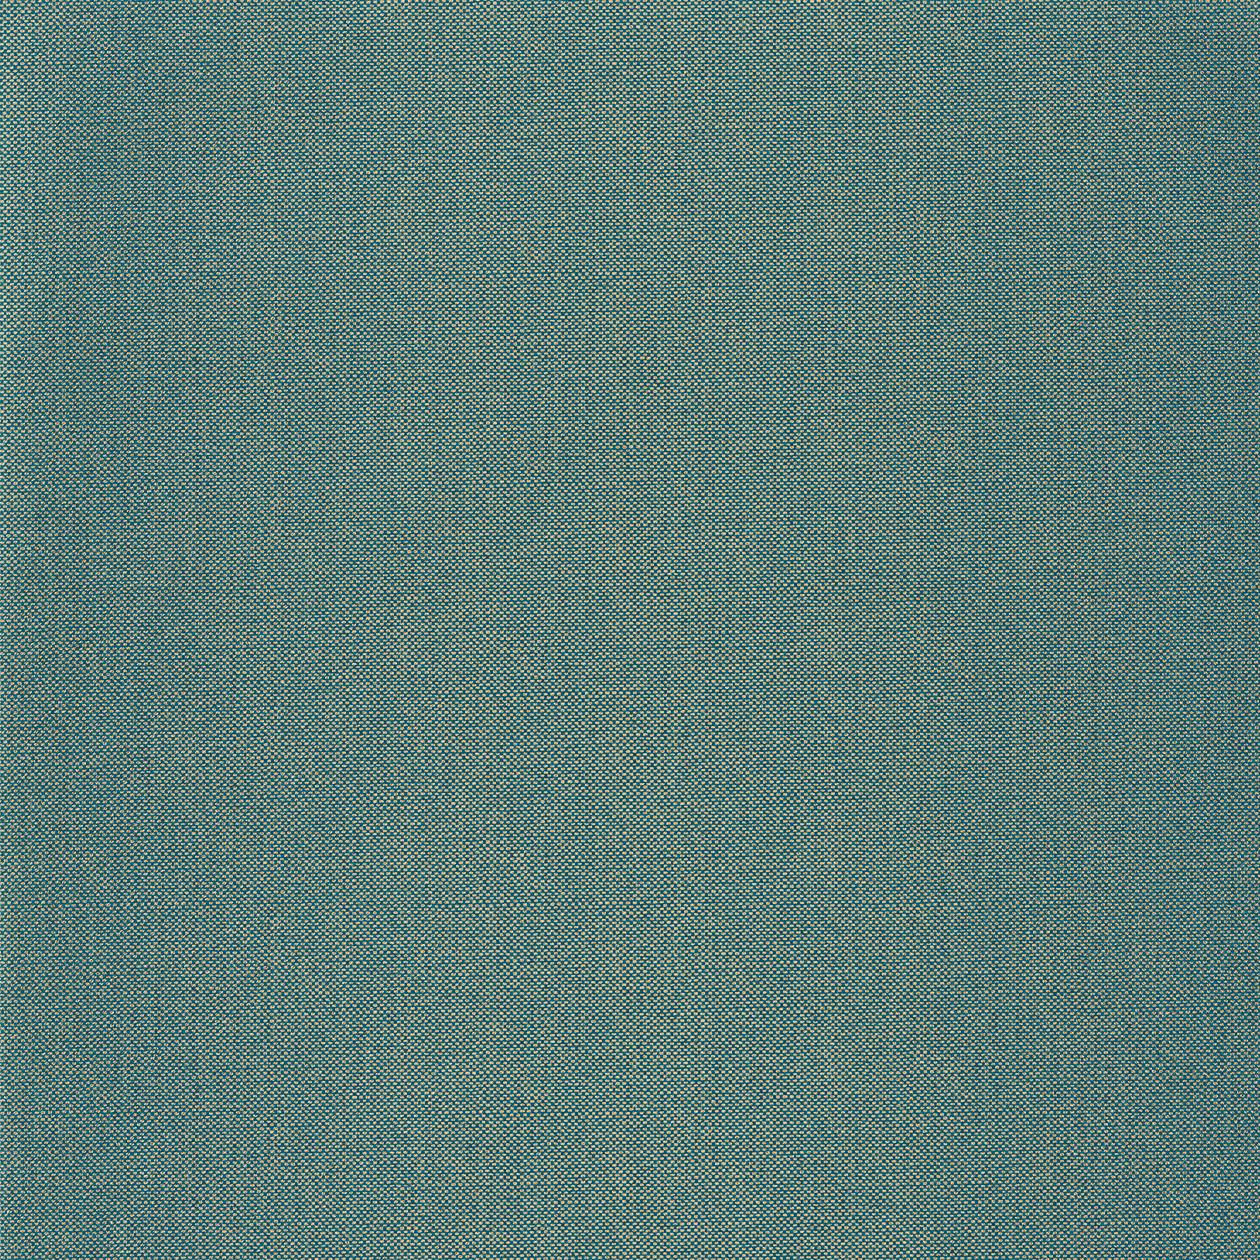 Обои Caselio Natte (53 см) 101576620